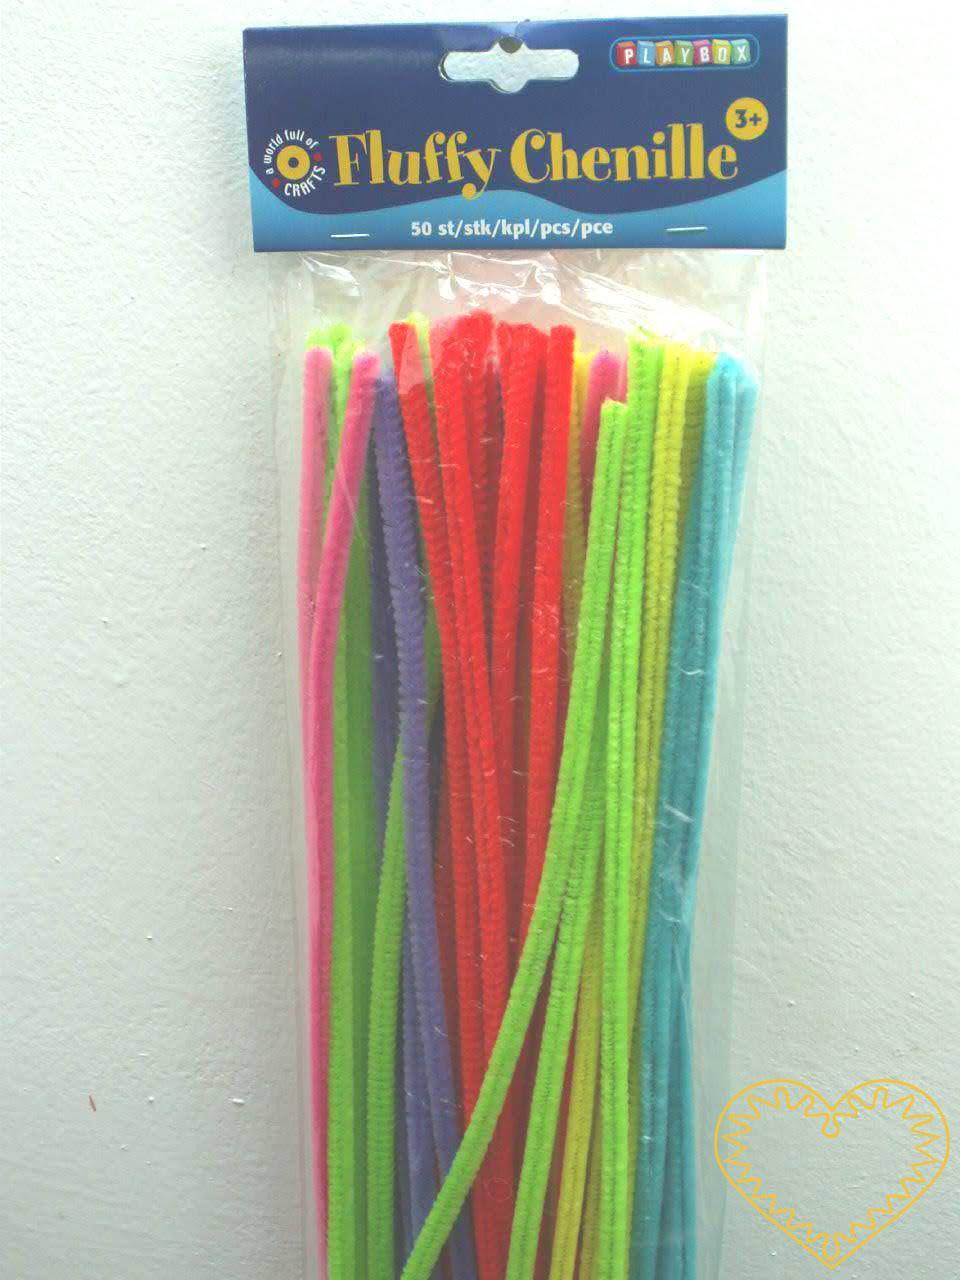 Sada 50 kusů chlupatých drátků (též plyšový, modelovací, žinilka) - délky cca 30 cm - 5 metalických barev: zlatá, stříbrná, červená, zelená, modrá. Drátěná tyčinka opletená vláknem chenille se používá k výrobě různých hraček, ozdob, ale i k čištění d